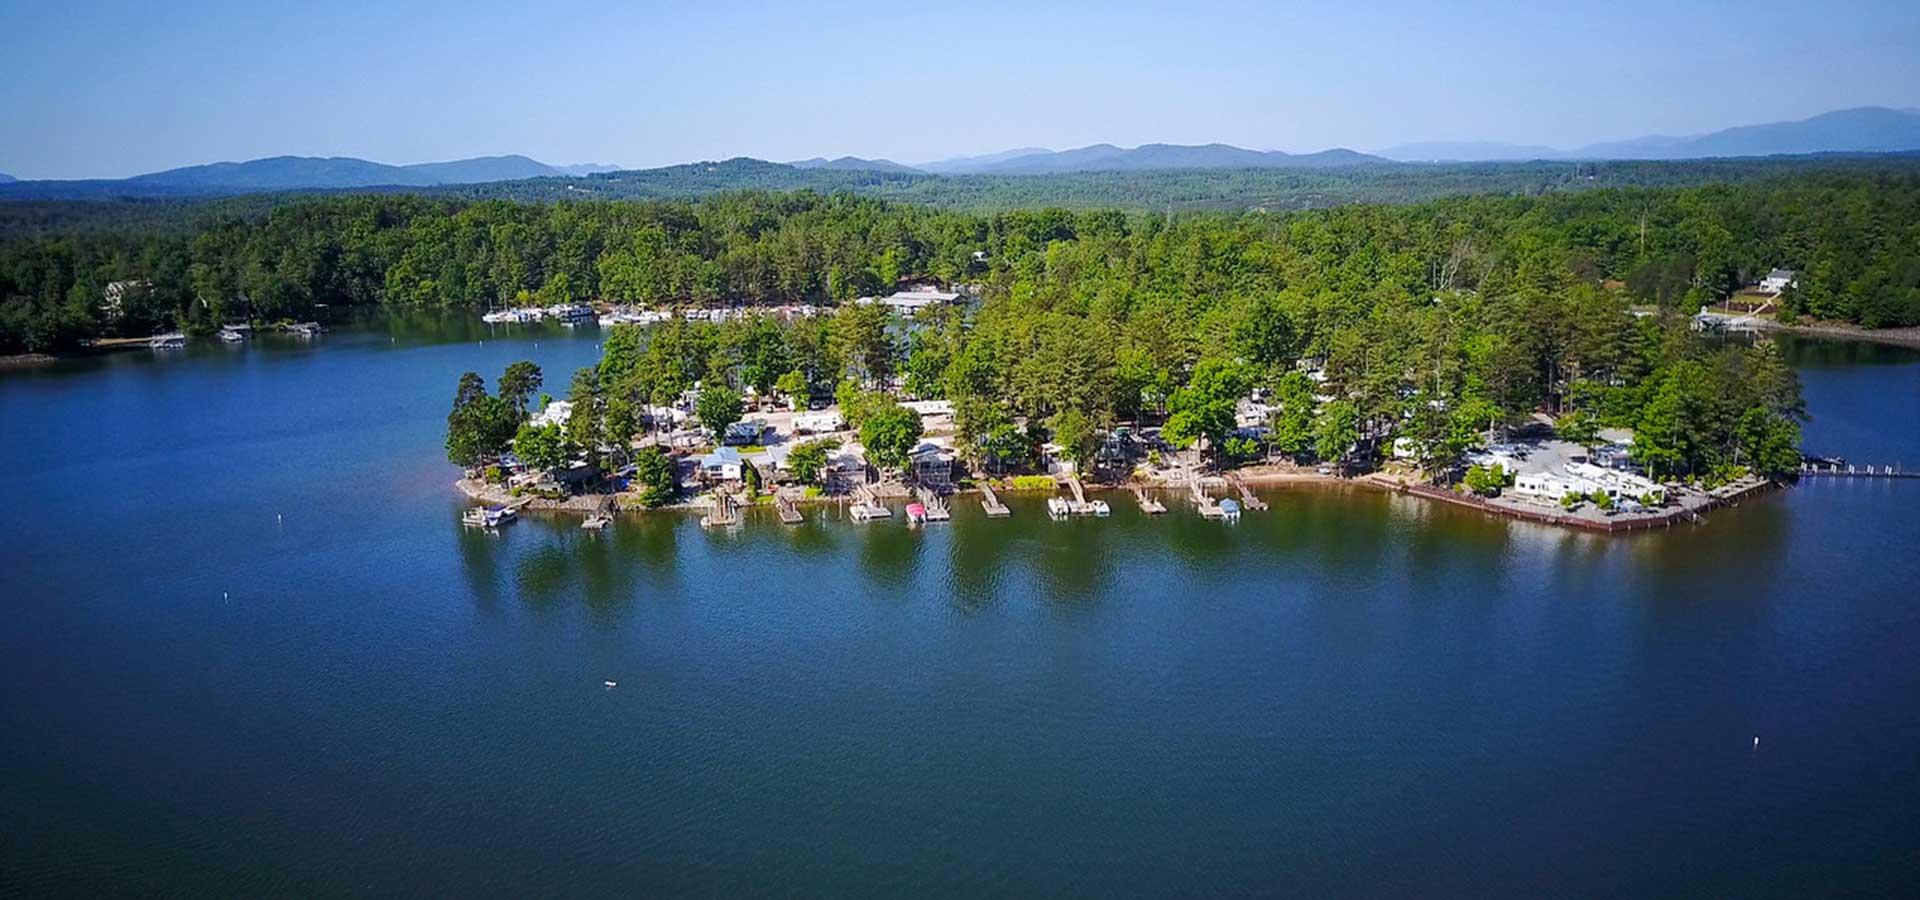 North Carolina Marina & RV Resorts - Lake James Camping ...